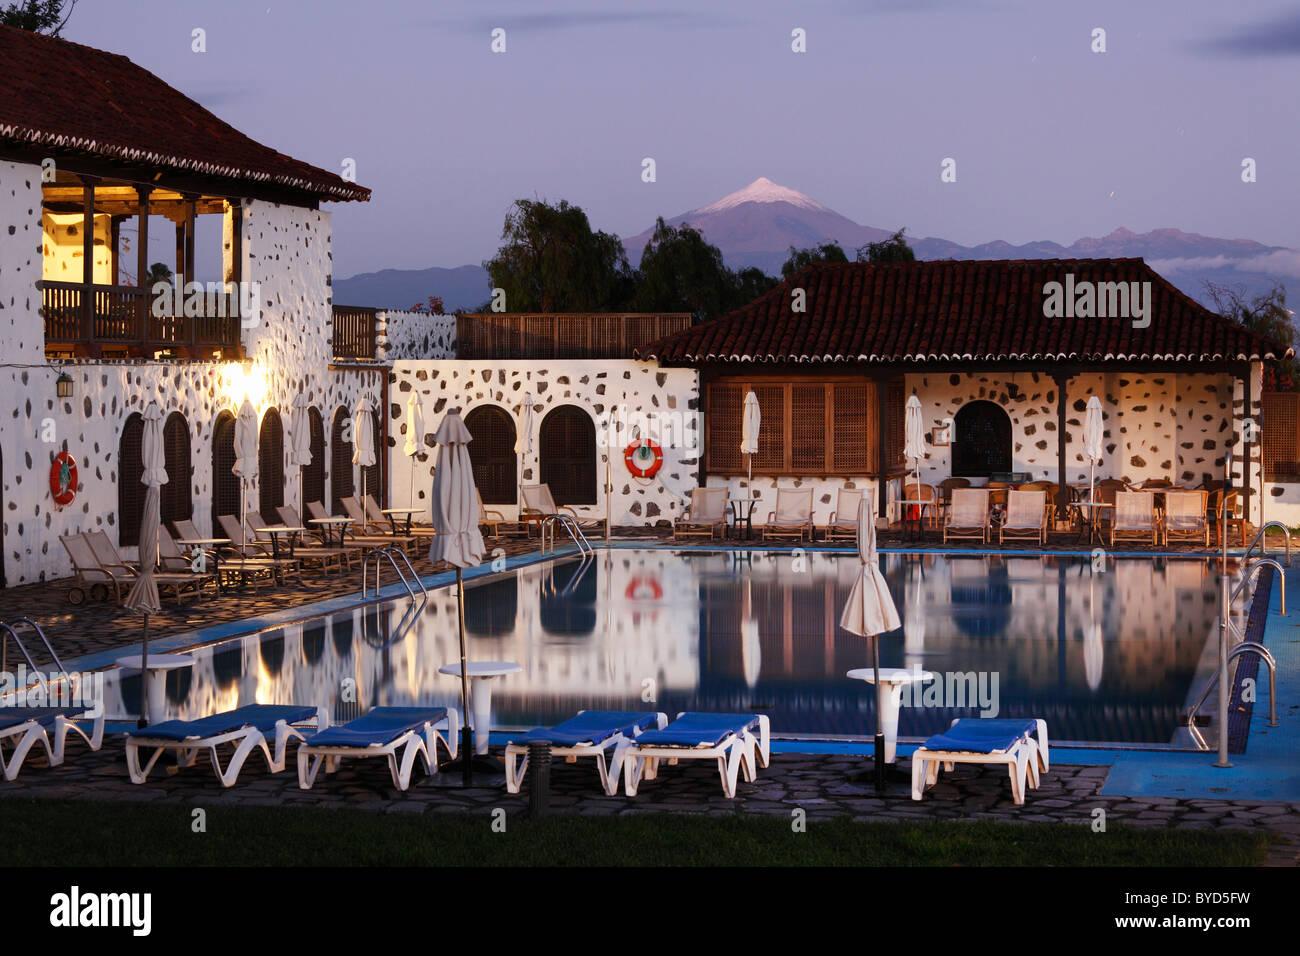 Piscina, Hotel Parador de Turismo Conde de La Gomera, San Sebatián de La Gomera, isole Canarie, Spagna, Europa Immagini Stock